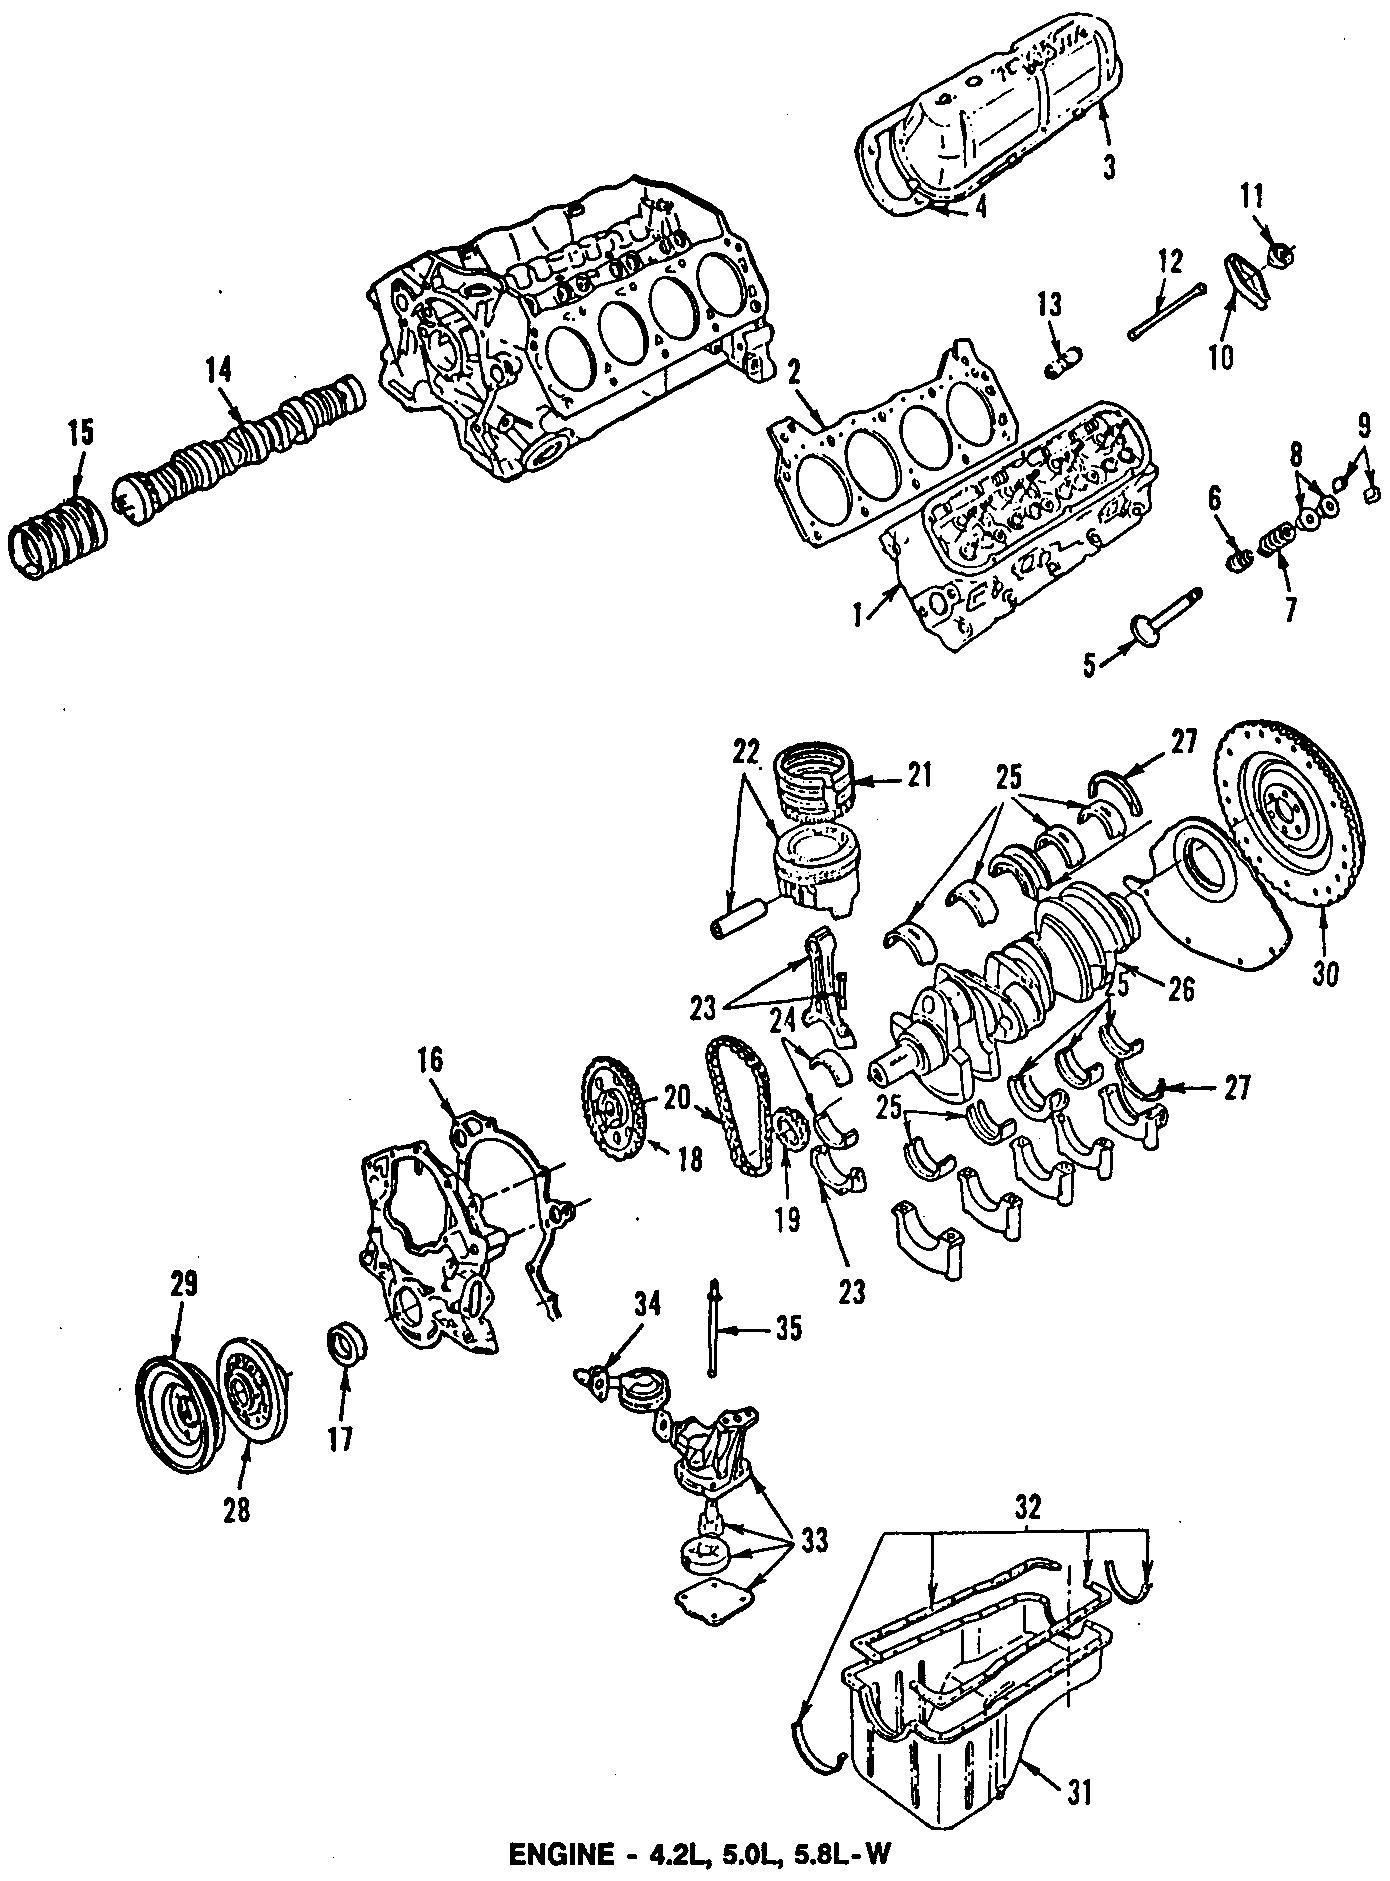 Ford F-350 Engine Oil Pan Gasket. 5.8 LITER. Bronco; 5.8L